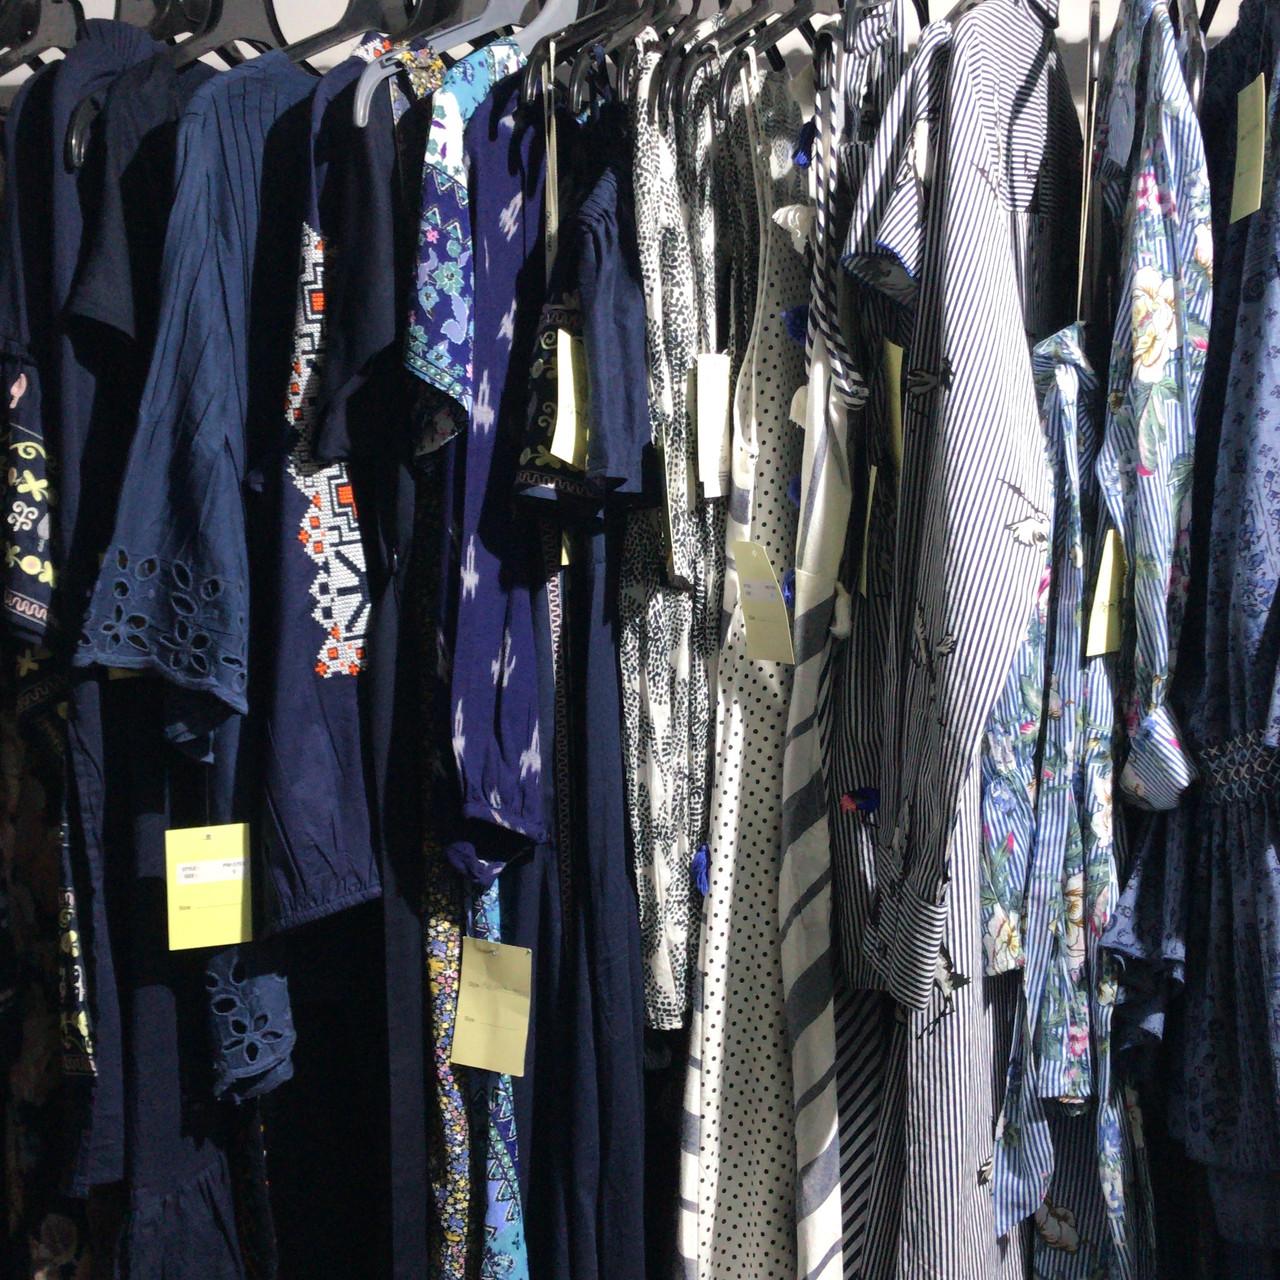 Clothes on Rack.jpeg